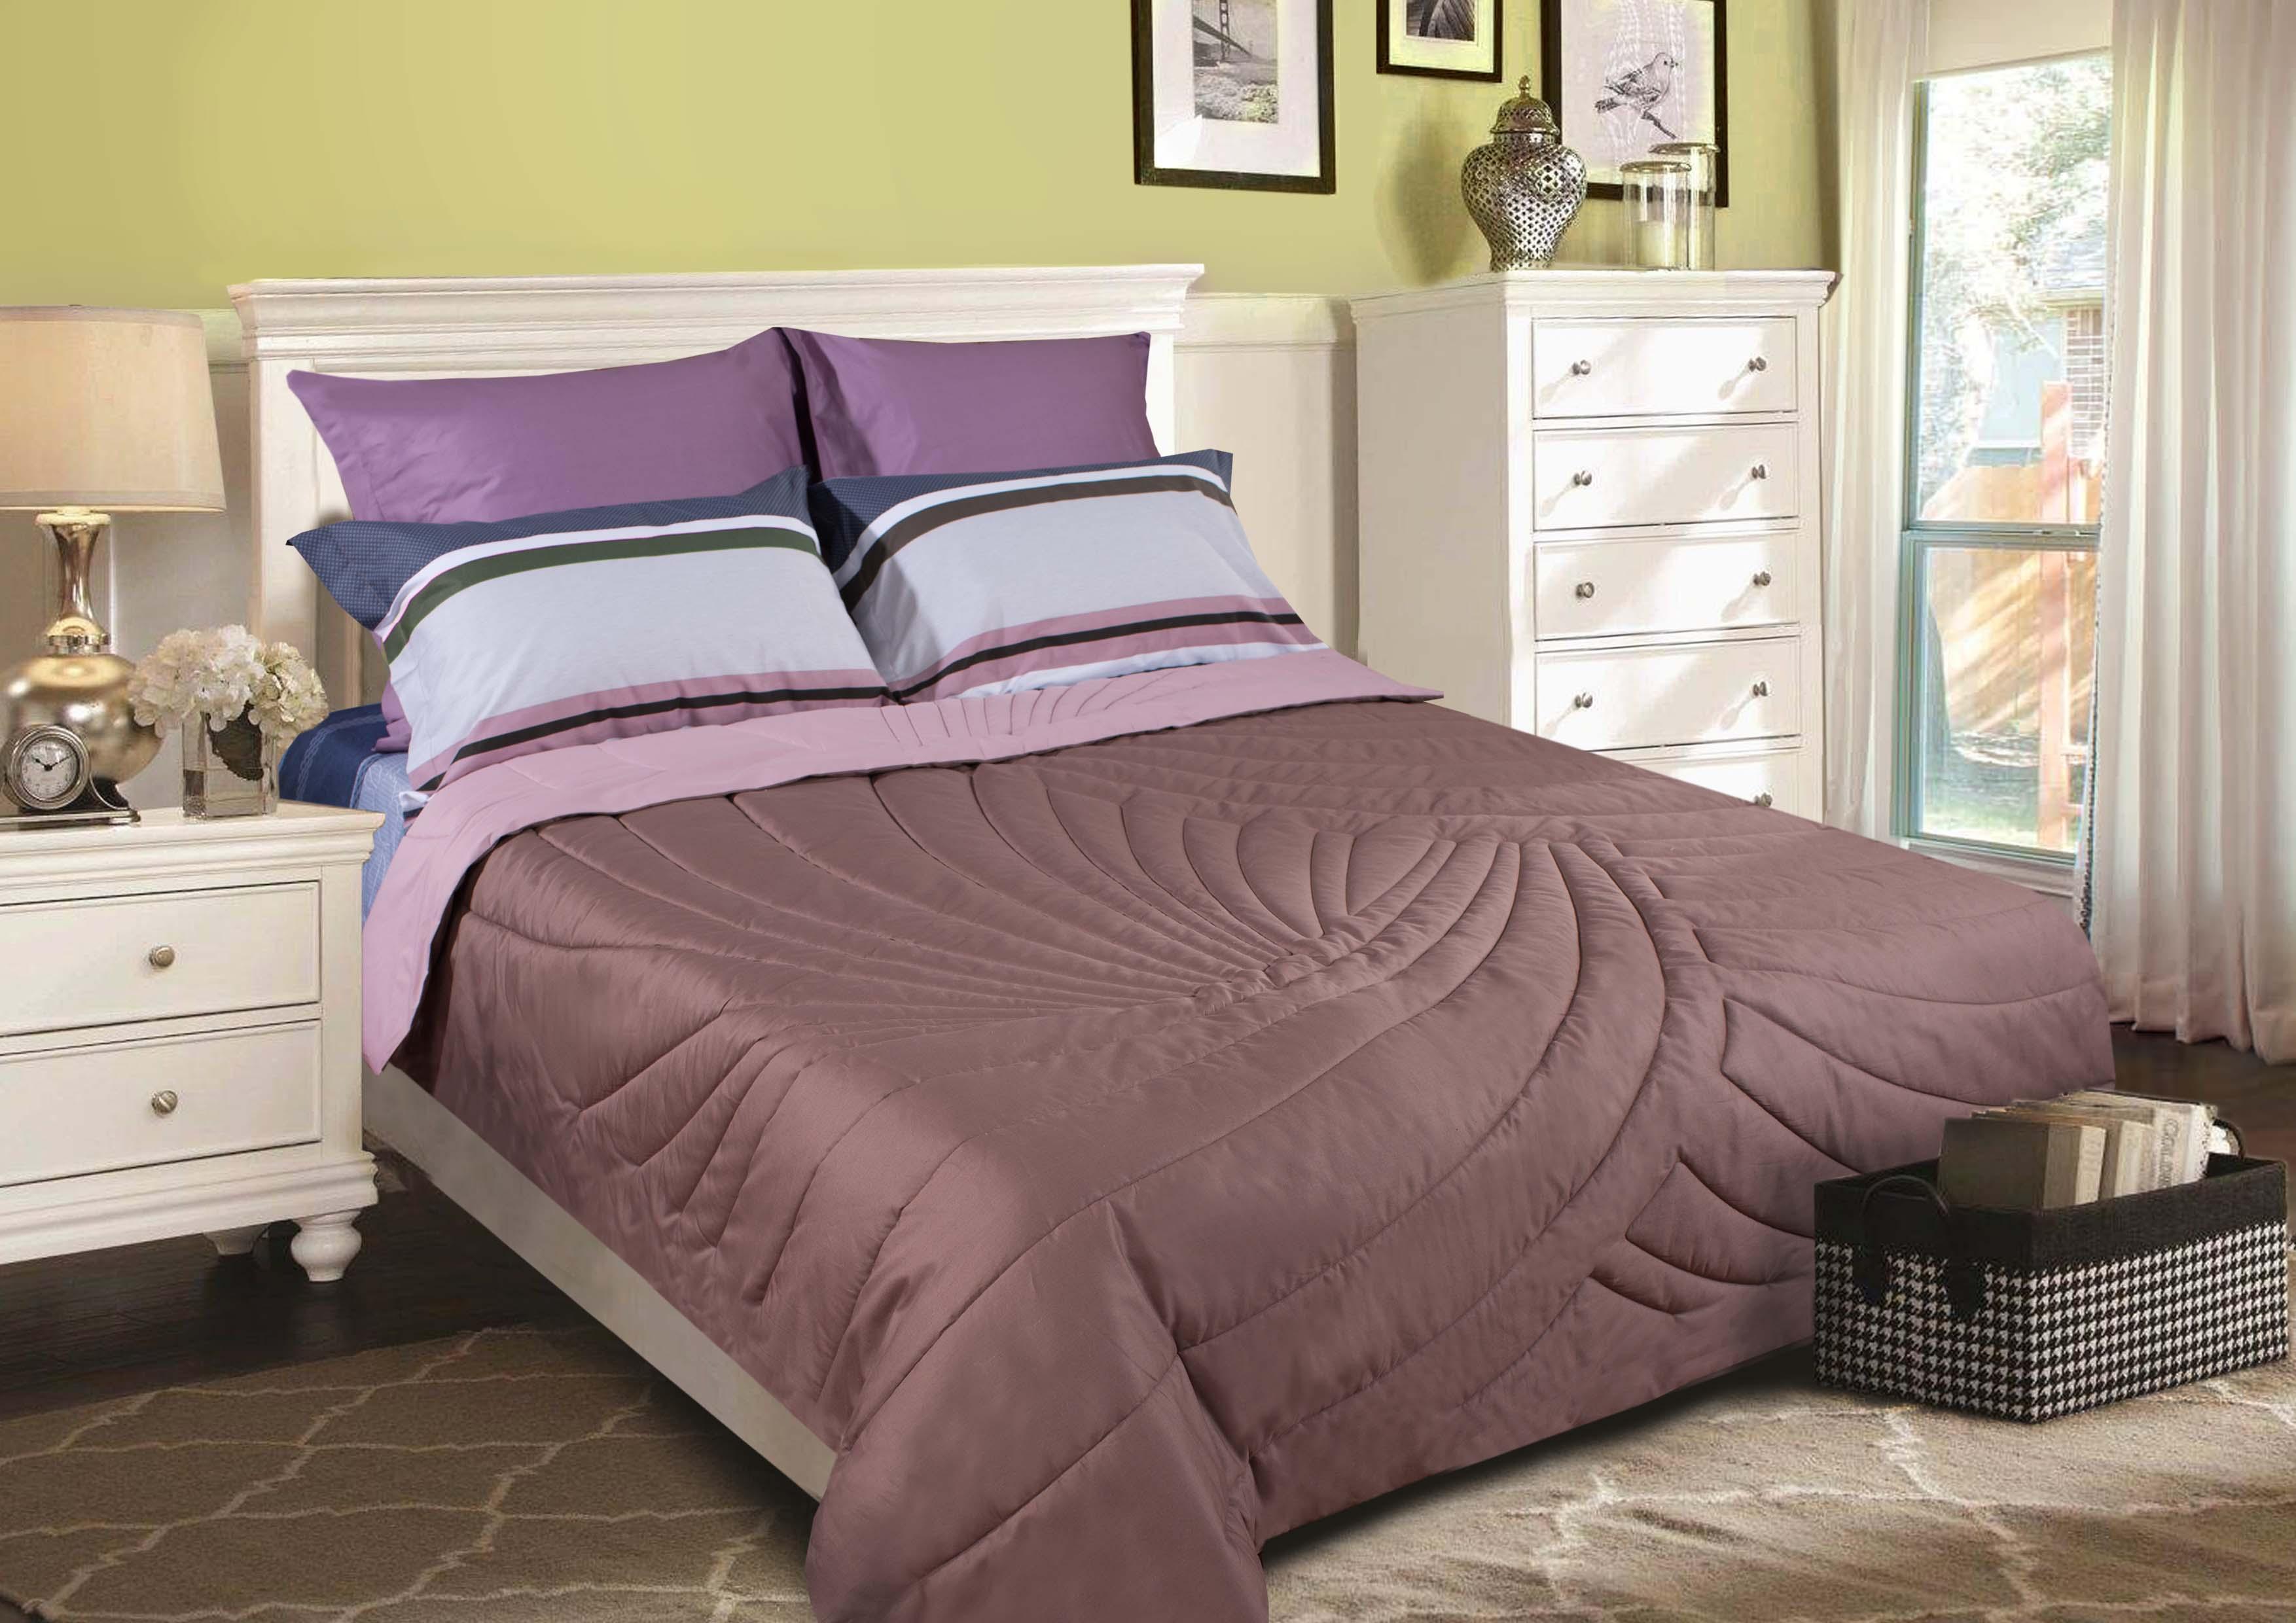 """Одеяло Primavelle покрывало """"Duo. Тропики"""" 230 х 250 см, сиреневый, шоколадный"""